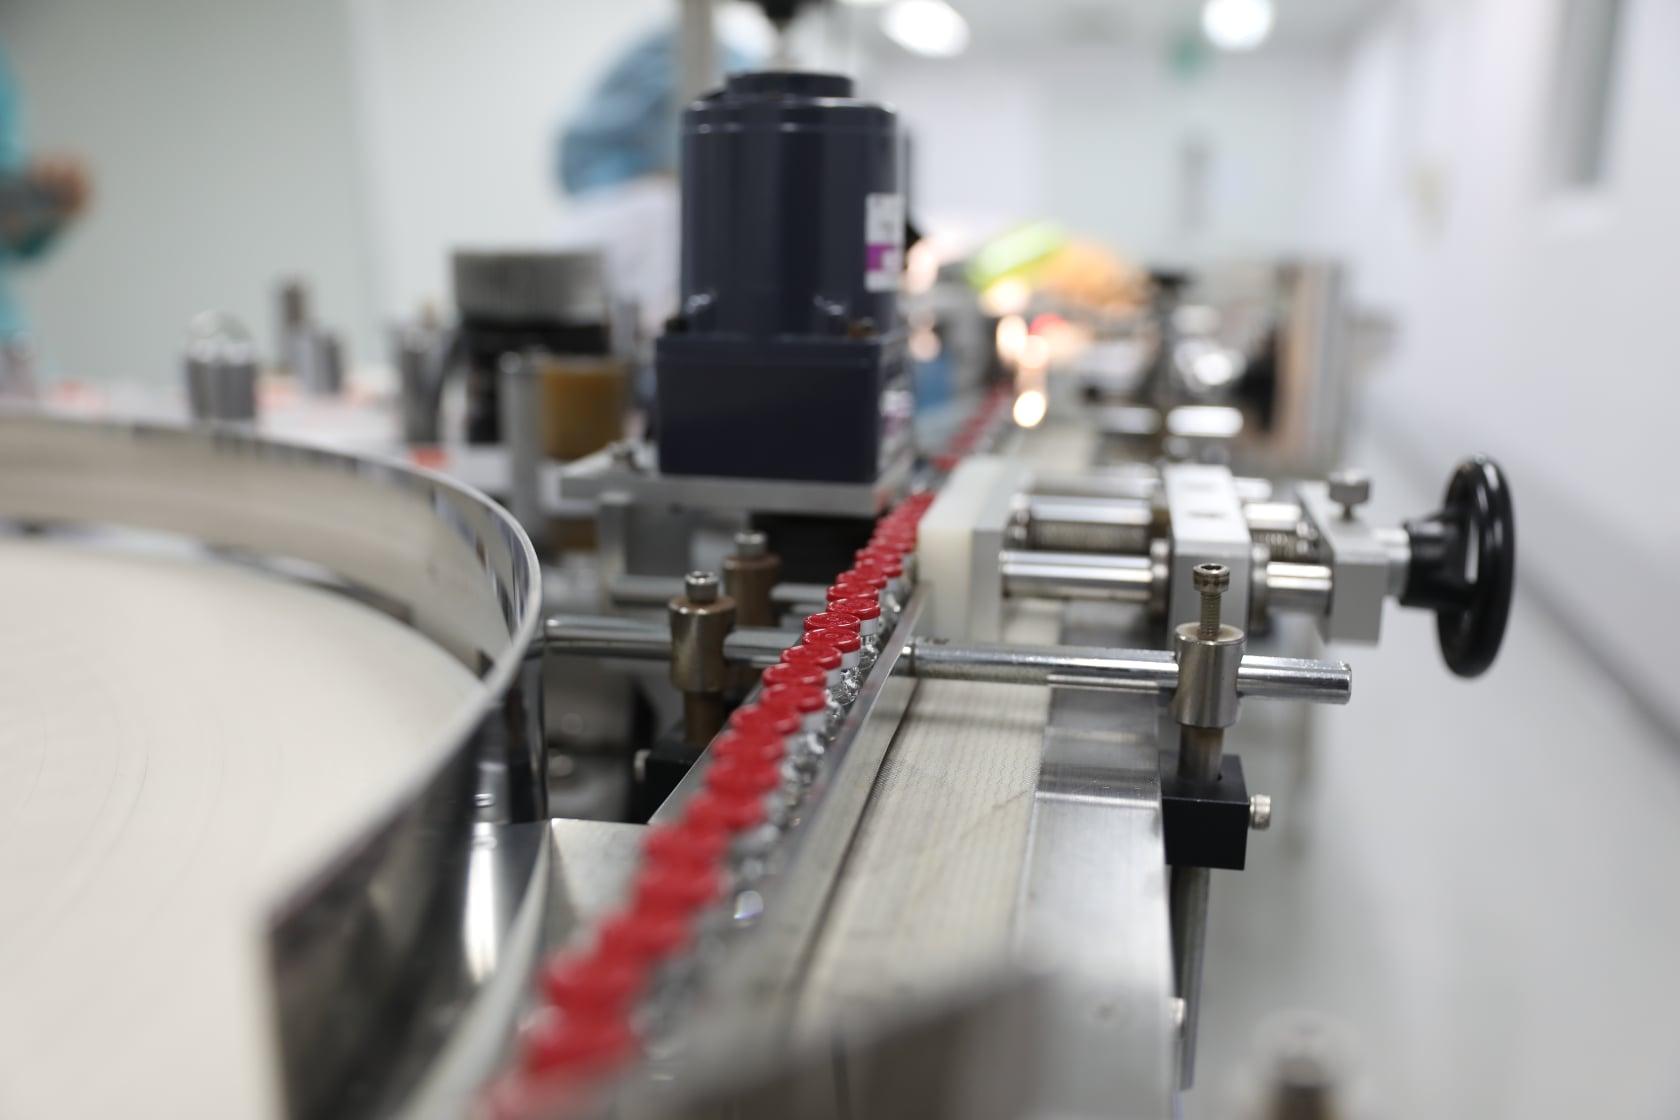 Công đoạn dán nhãn trong dây chuyền đóng ống vaccine tại Vabiotech. Ảnh do công ty cung cấp.